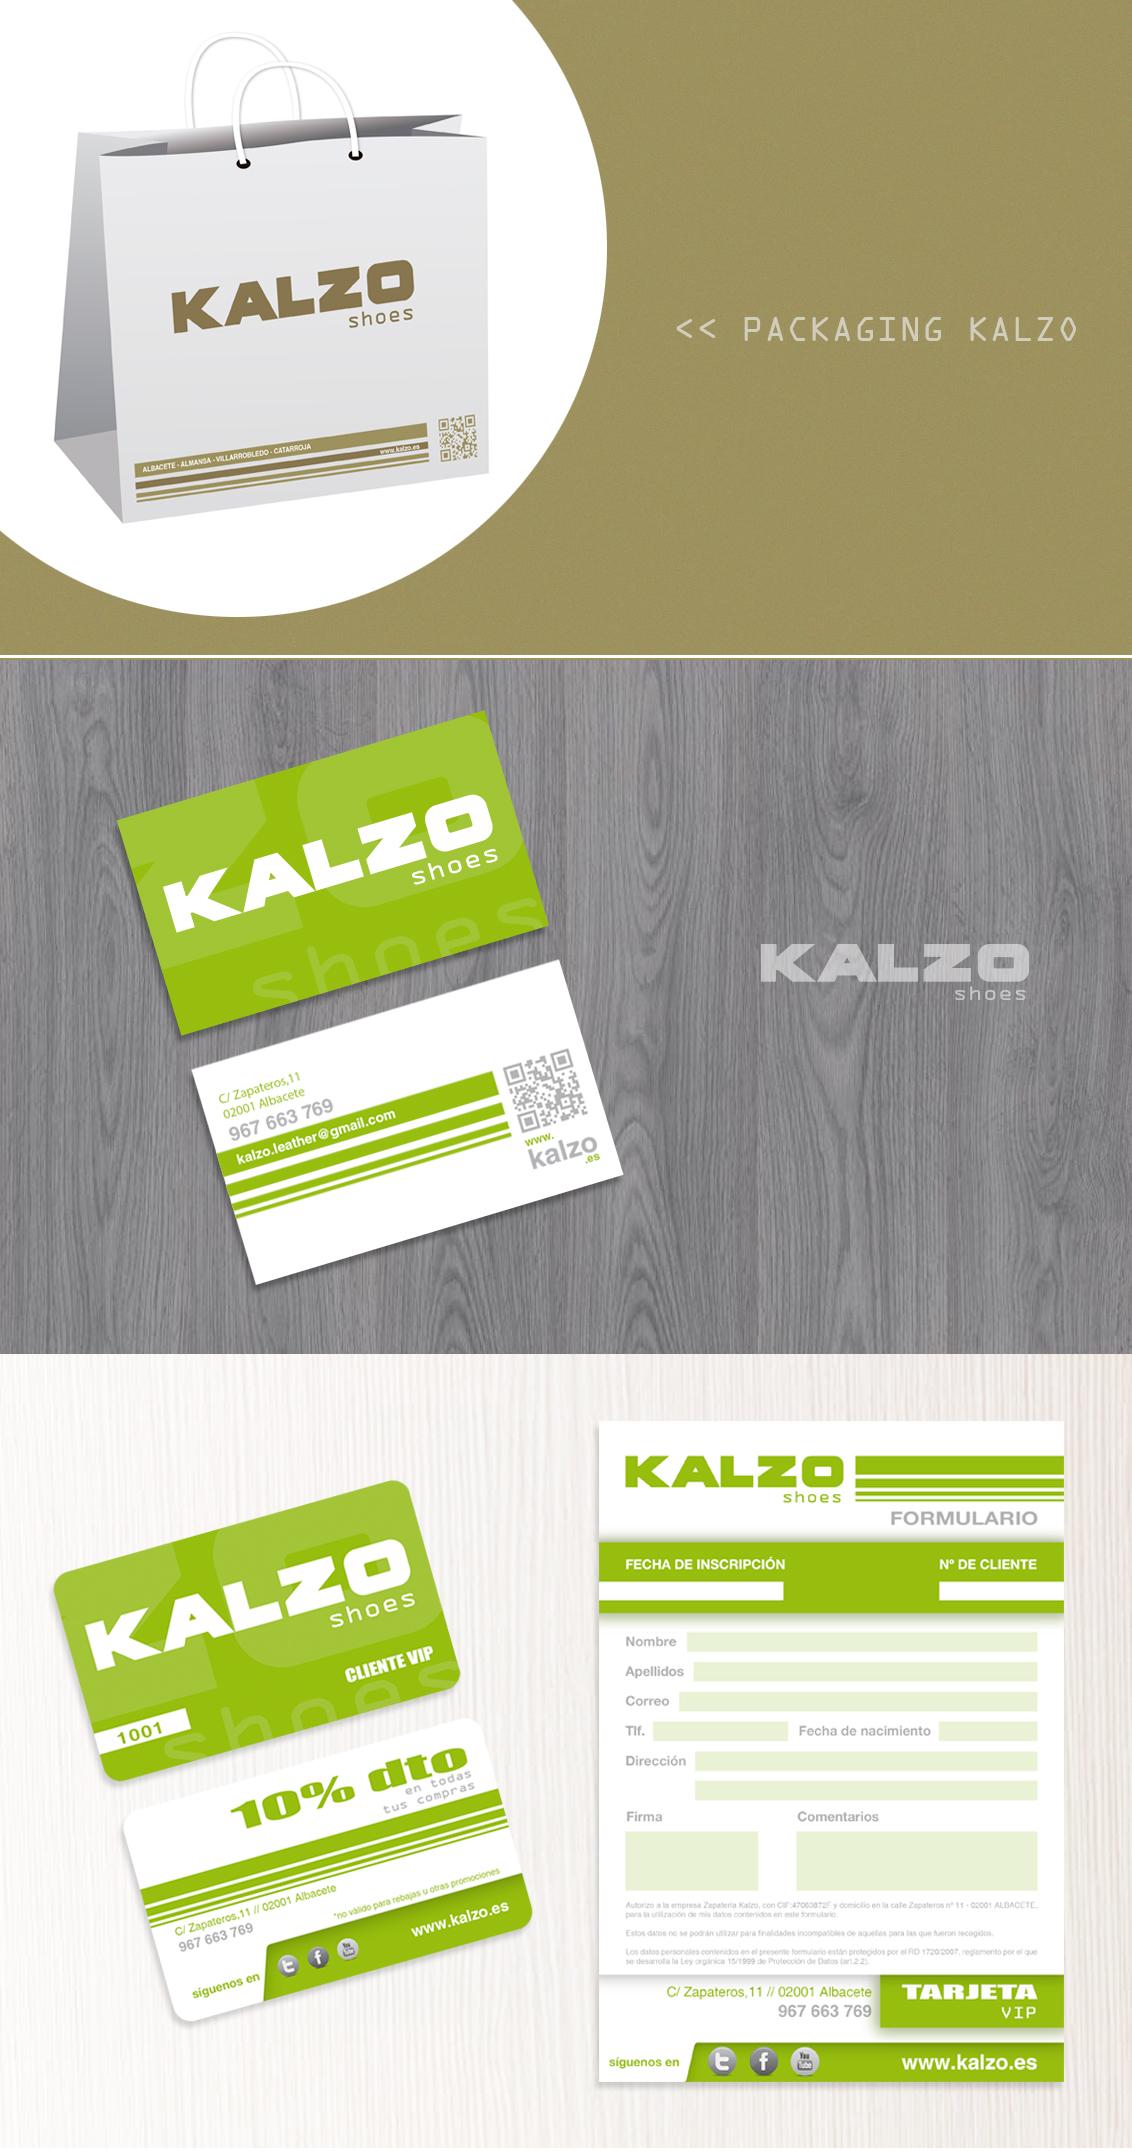 Diseño gráfico, diseño grafico Albacete e imprenta de papelería comercial y packaging de zapaterias Kalzo